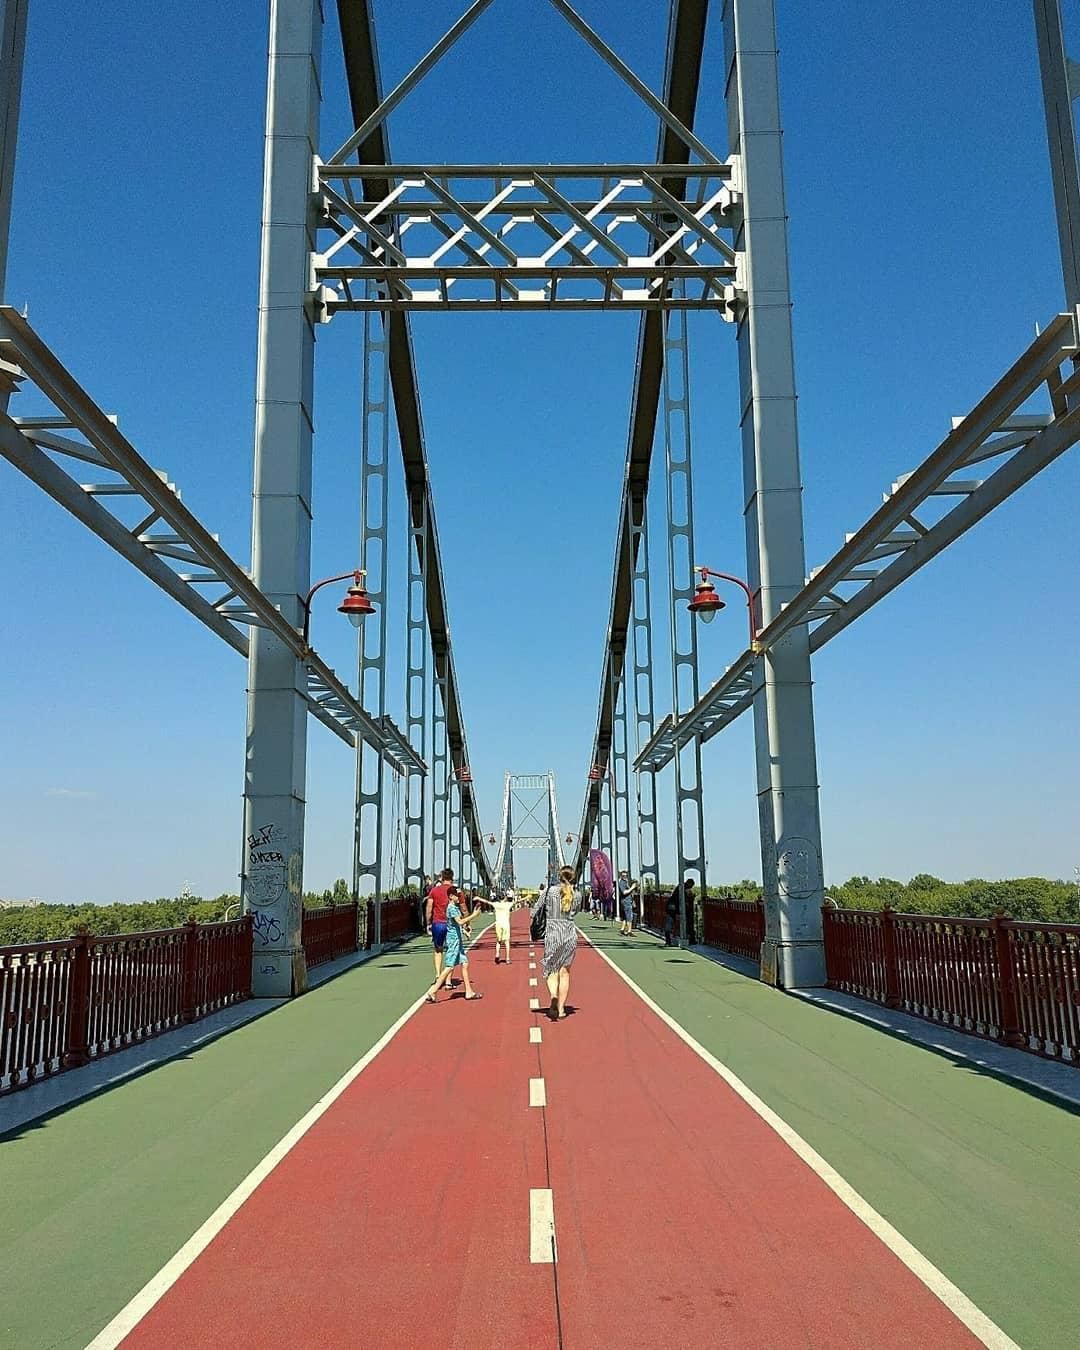 Летом прогулки по Пешеходному мосту получаются особенно классными. Фото: @ksu.rzhk_